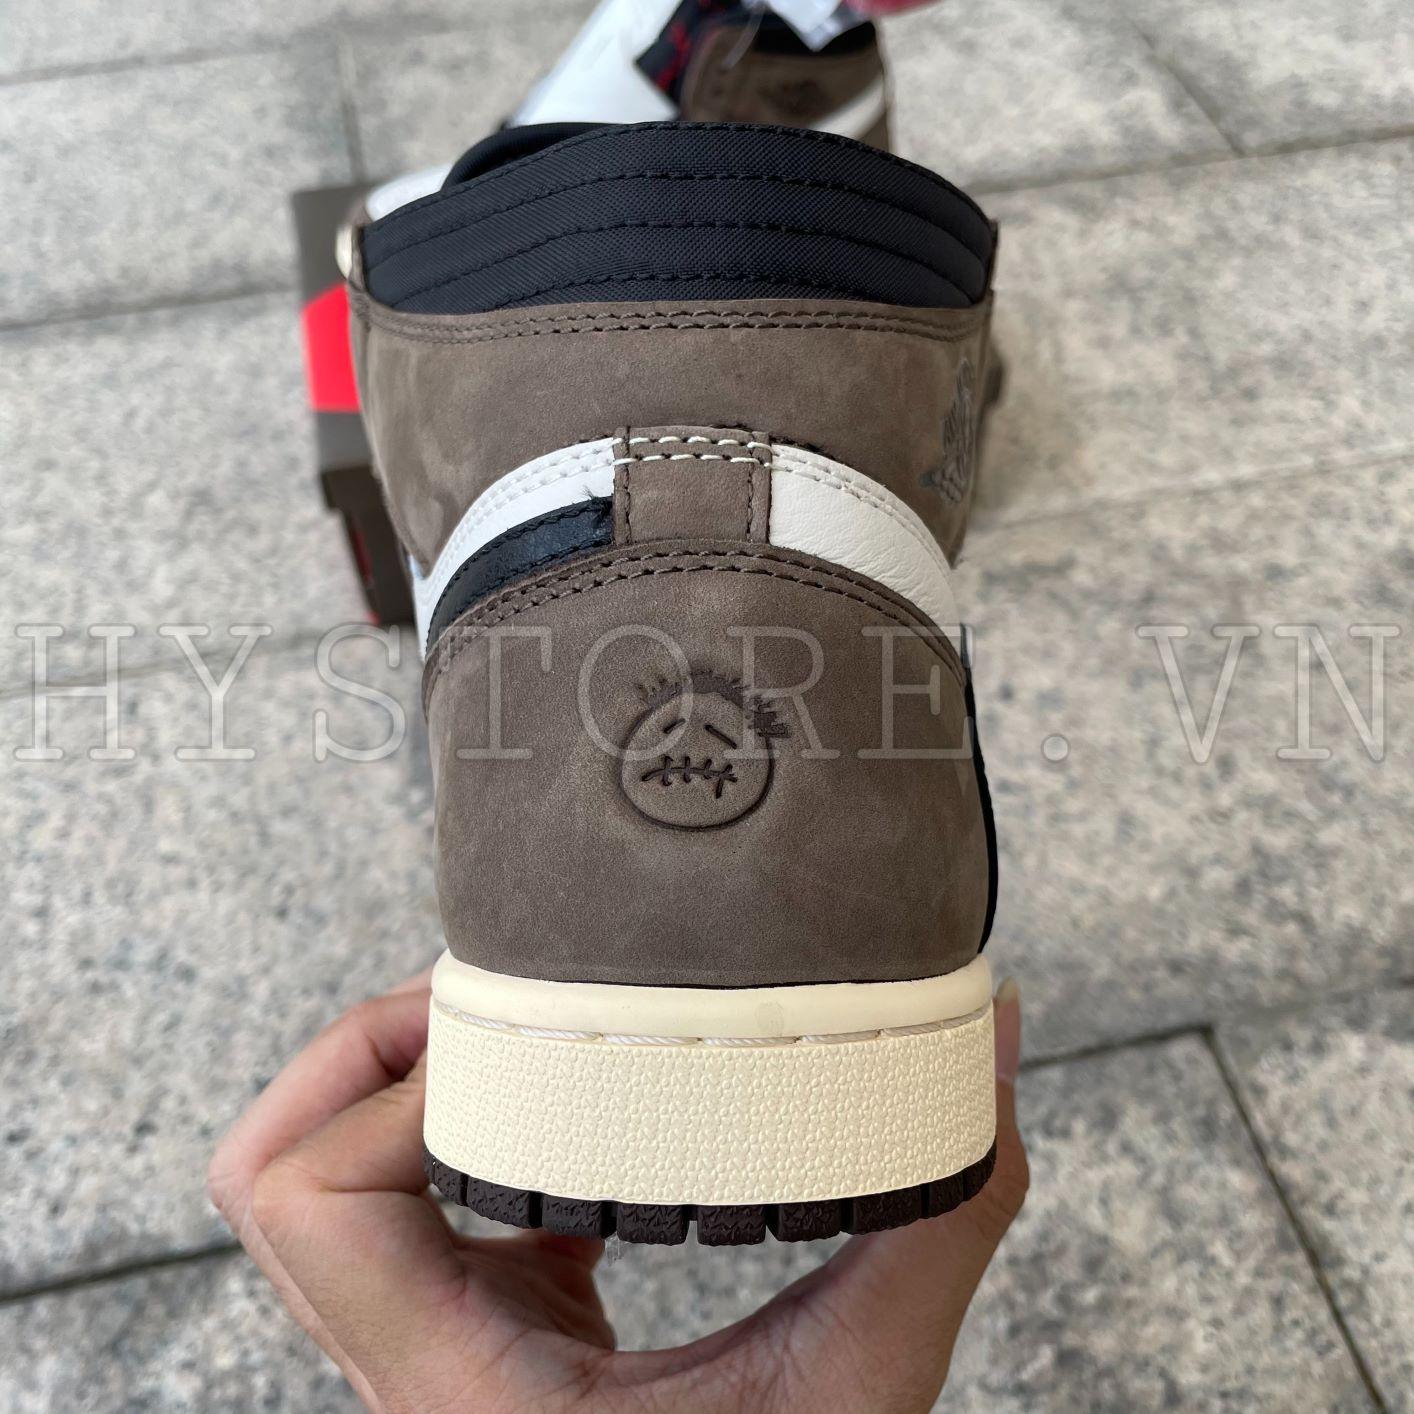 Giày Nike Jordan1 High Travis Scott